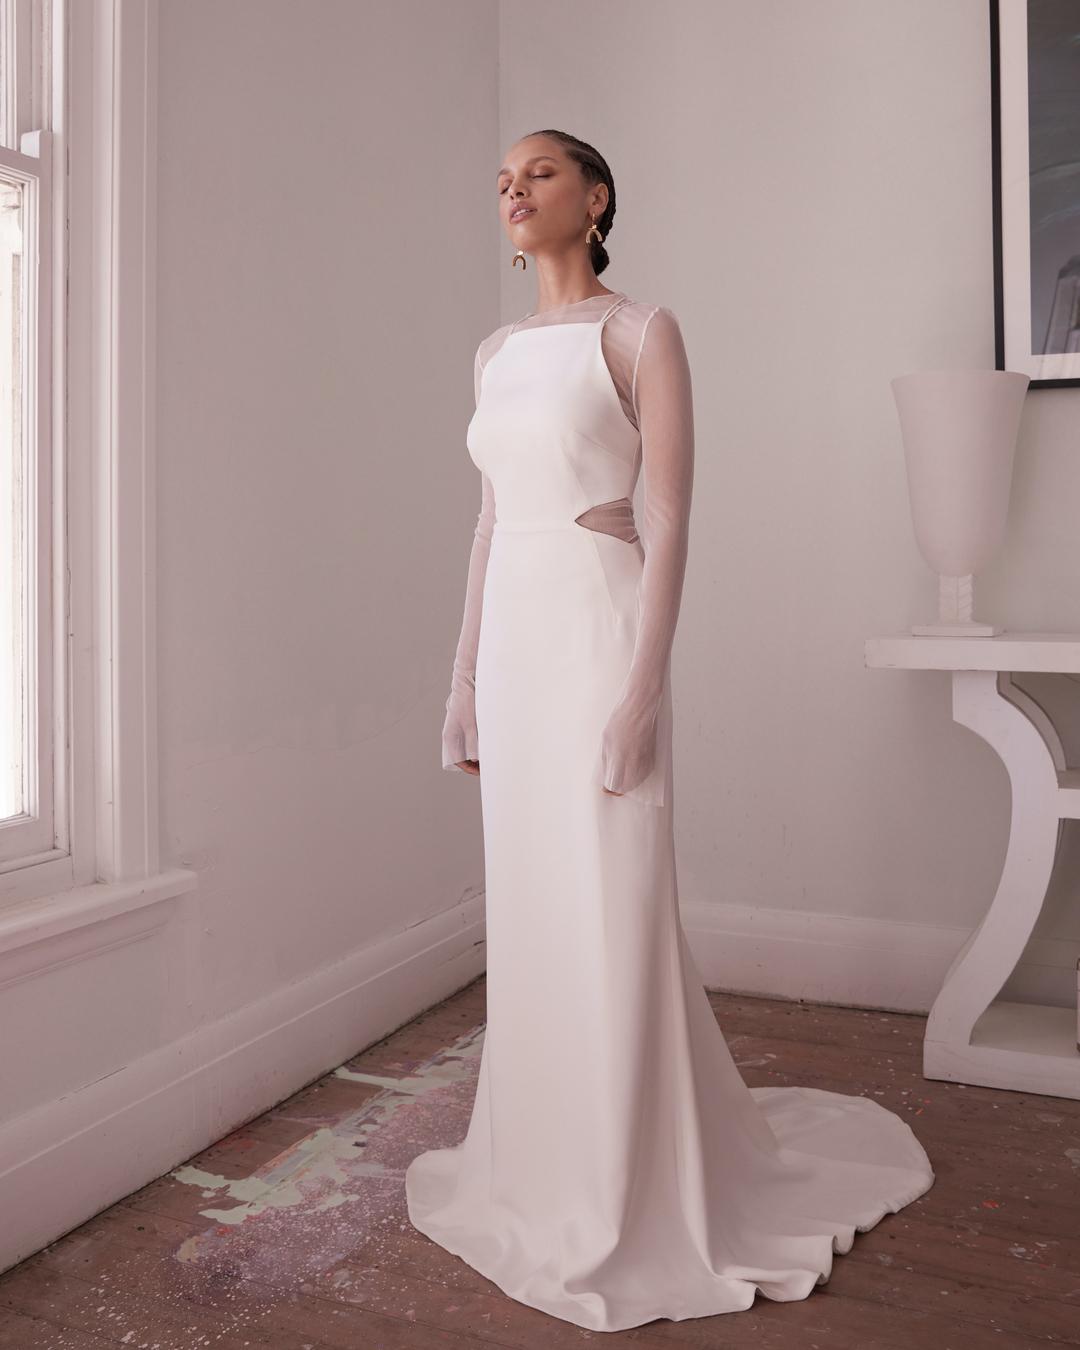 cora dress photo